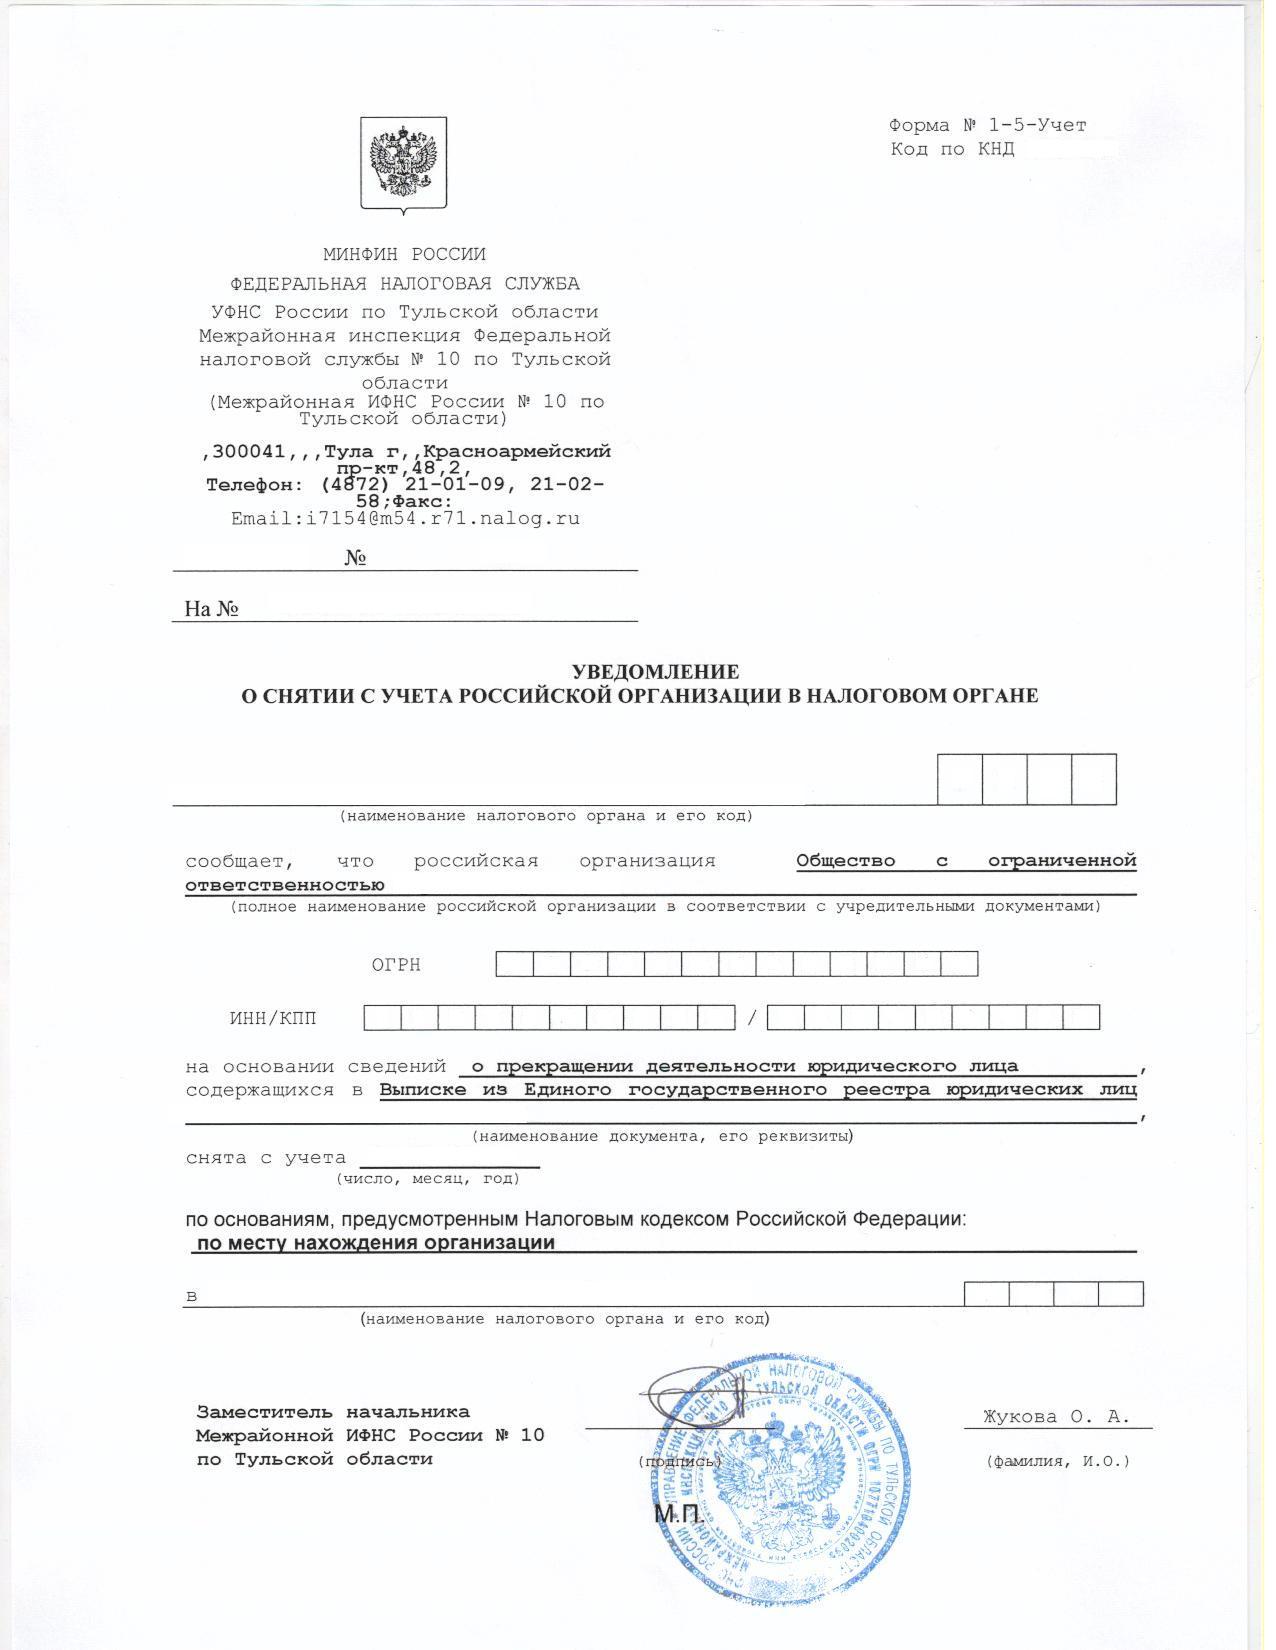 Образец решение о ликвидации и назначении ликвидатора doc